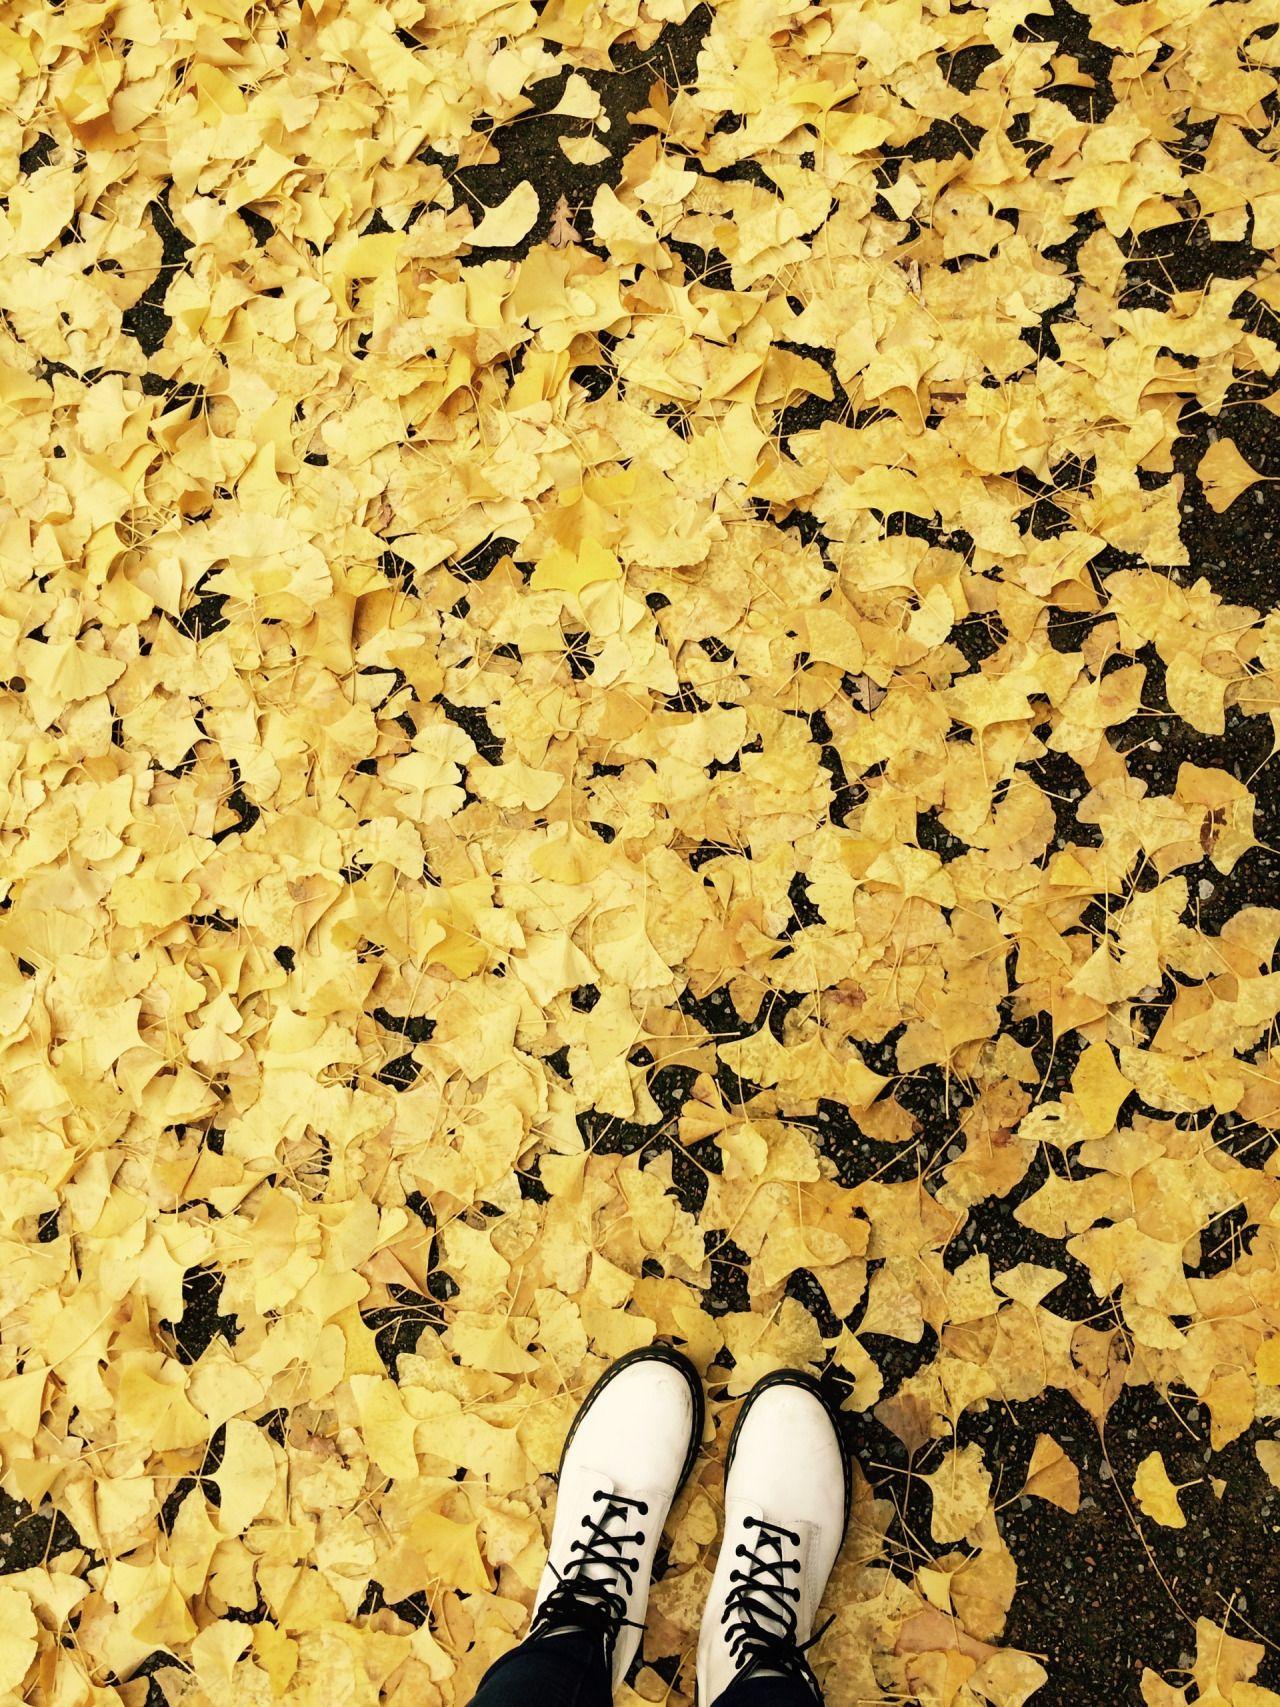 yellow aesthetic Tumblr Hufflepuff Aesthetic